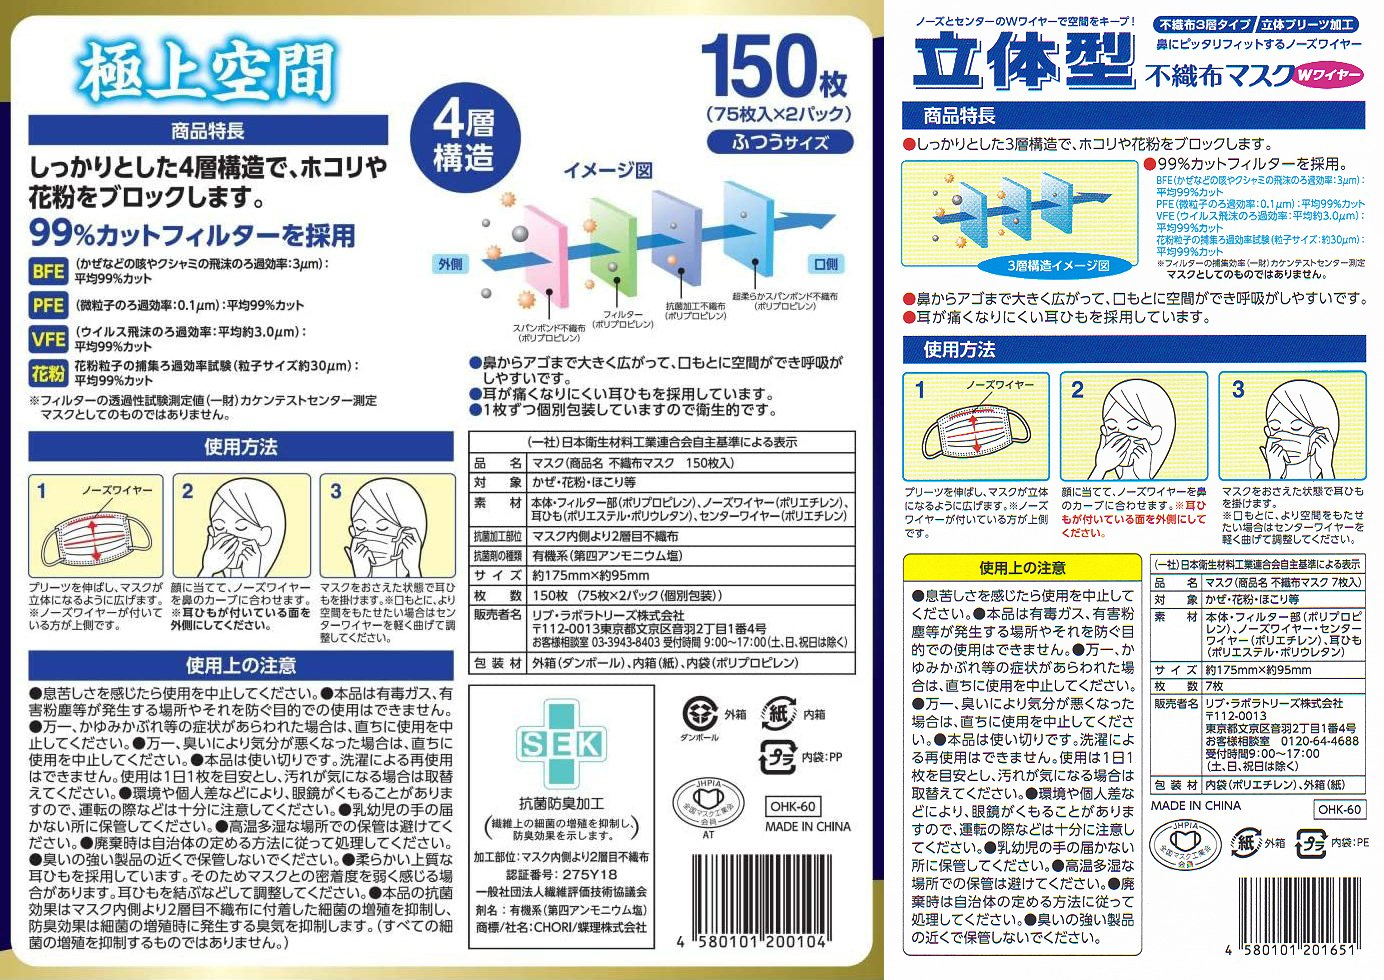 """マスク 極上 空間 アレルギー性鼻炎の必需品""""マスク""""を購入。極上空間の使い心地は?│息子達に残すレシピノート"""